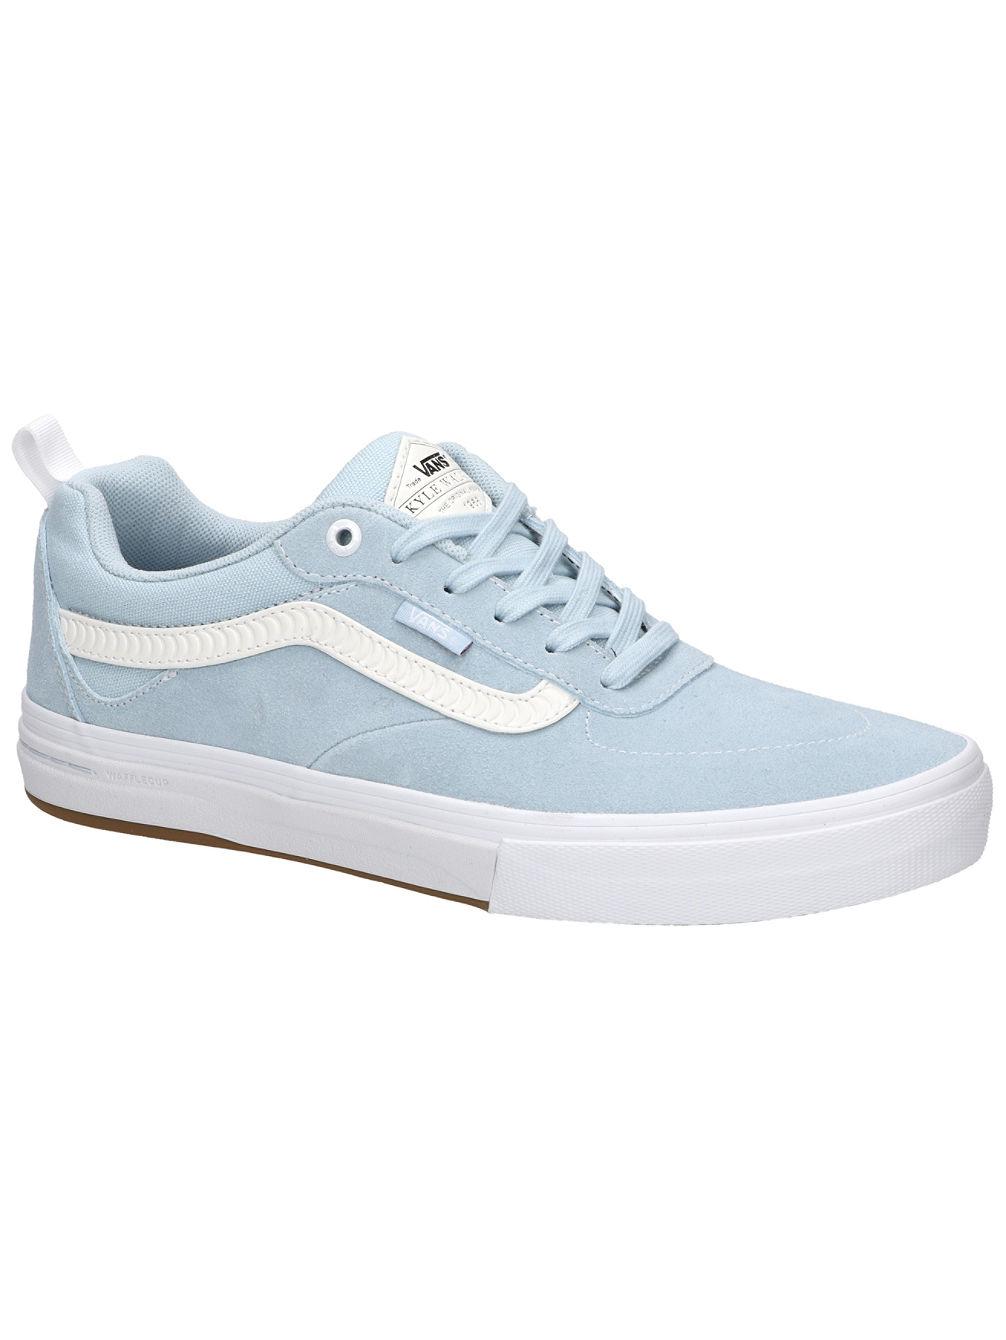 buy vans spitfire kyle walker pro skate shoes online at